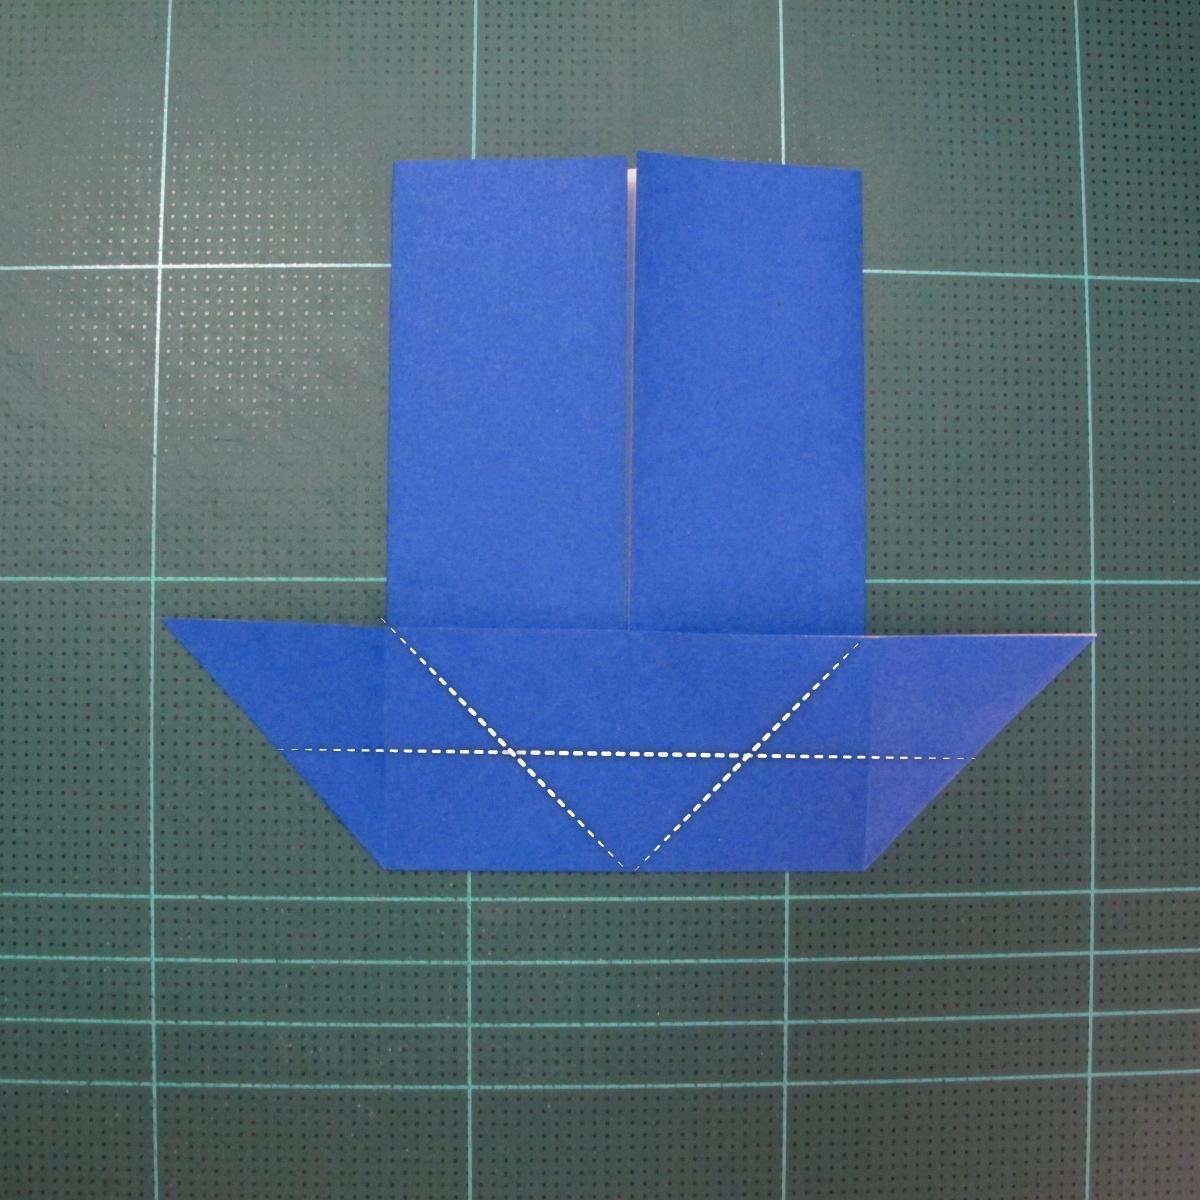 วิธีการพับกระดาษเป็นรูปกระต่าย แบบของเอ็ดวิน คอรี่ (Origami Rabbit)  007